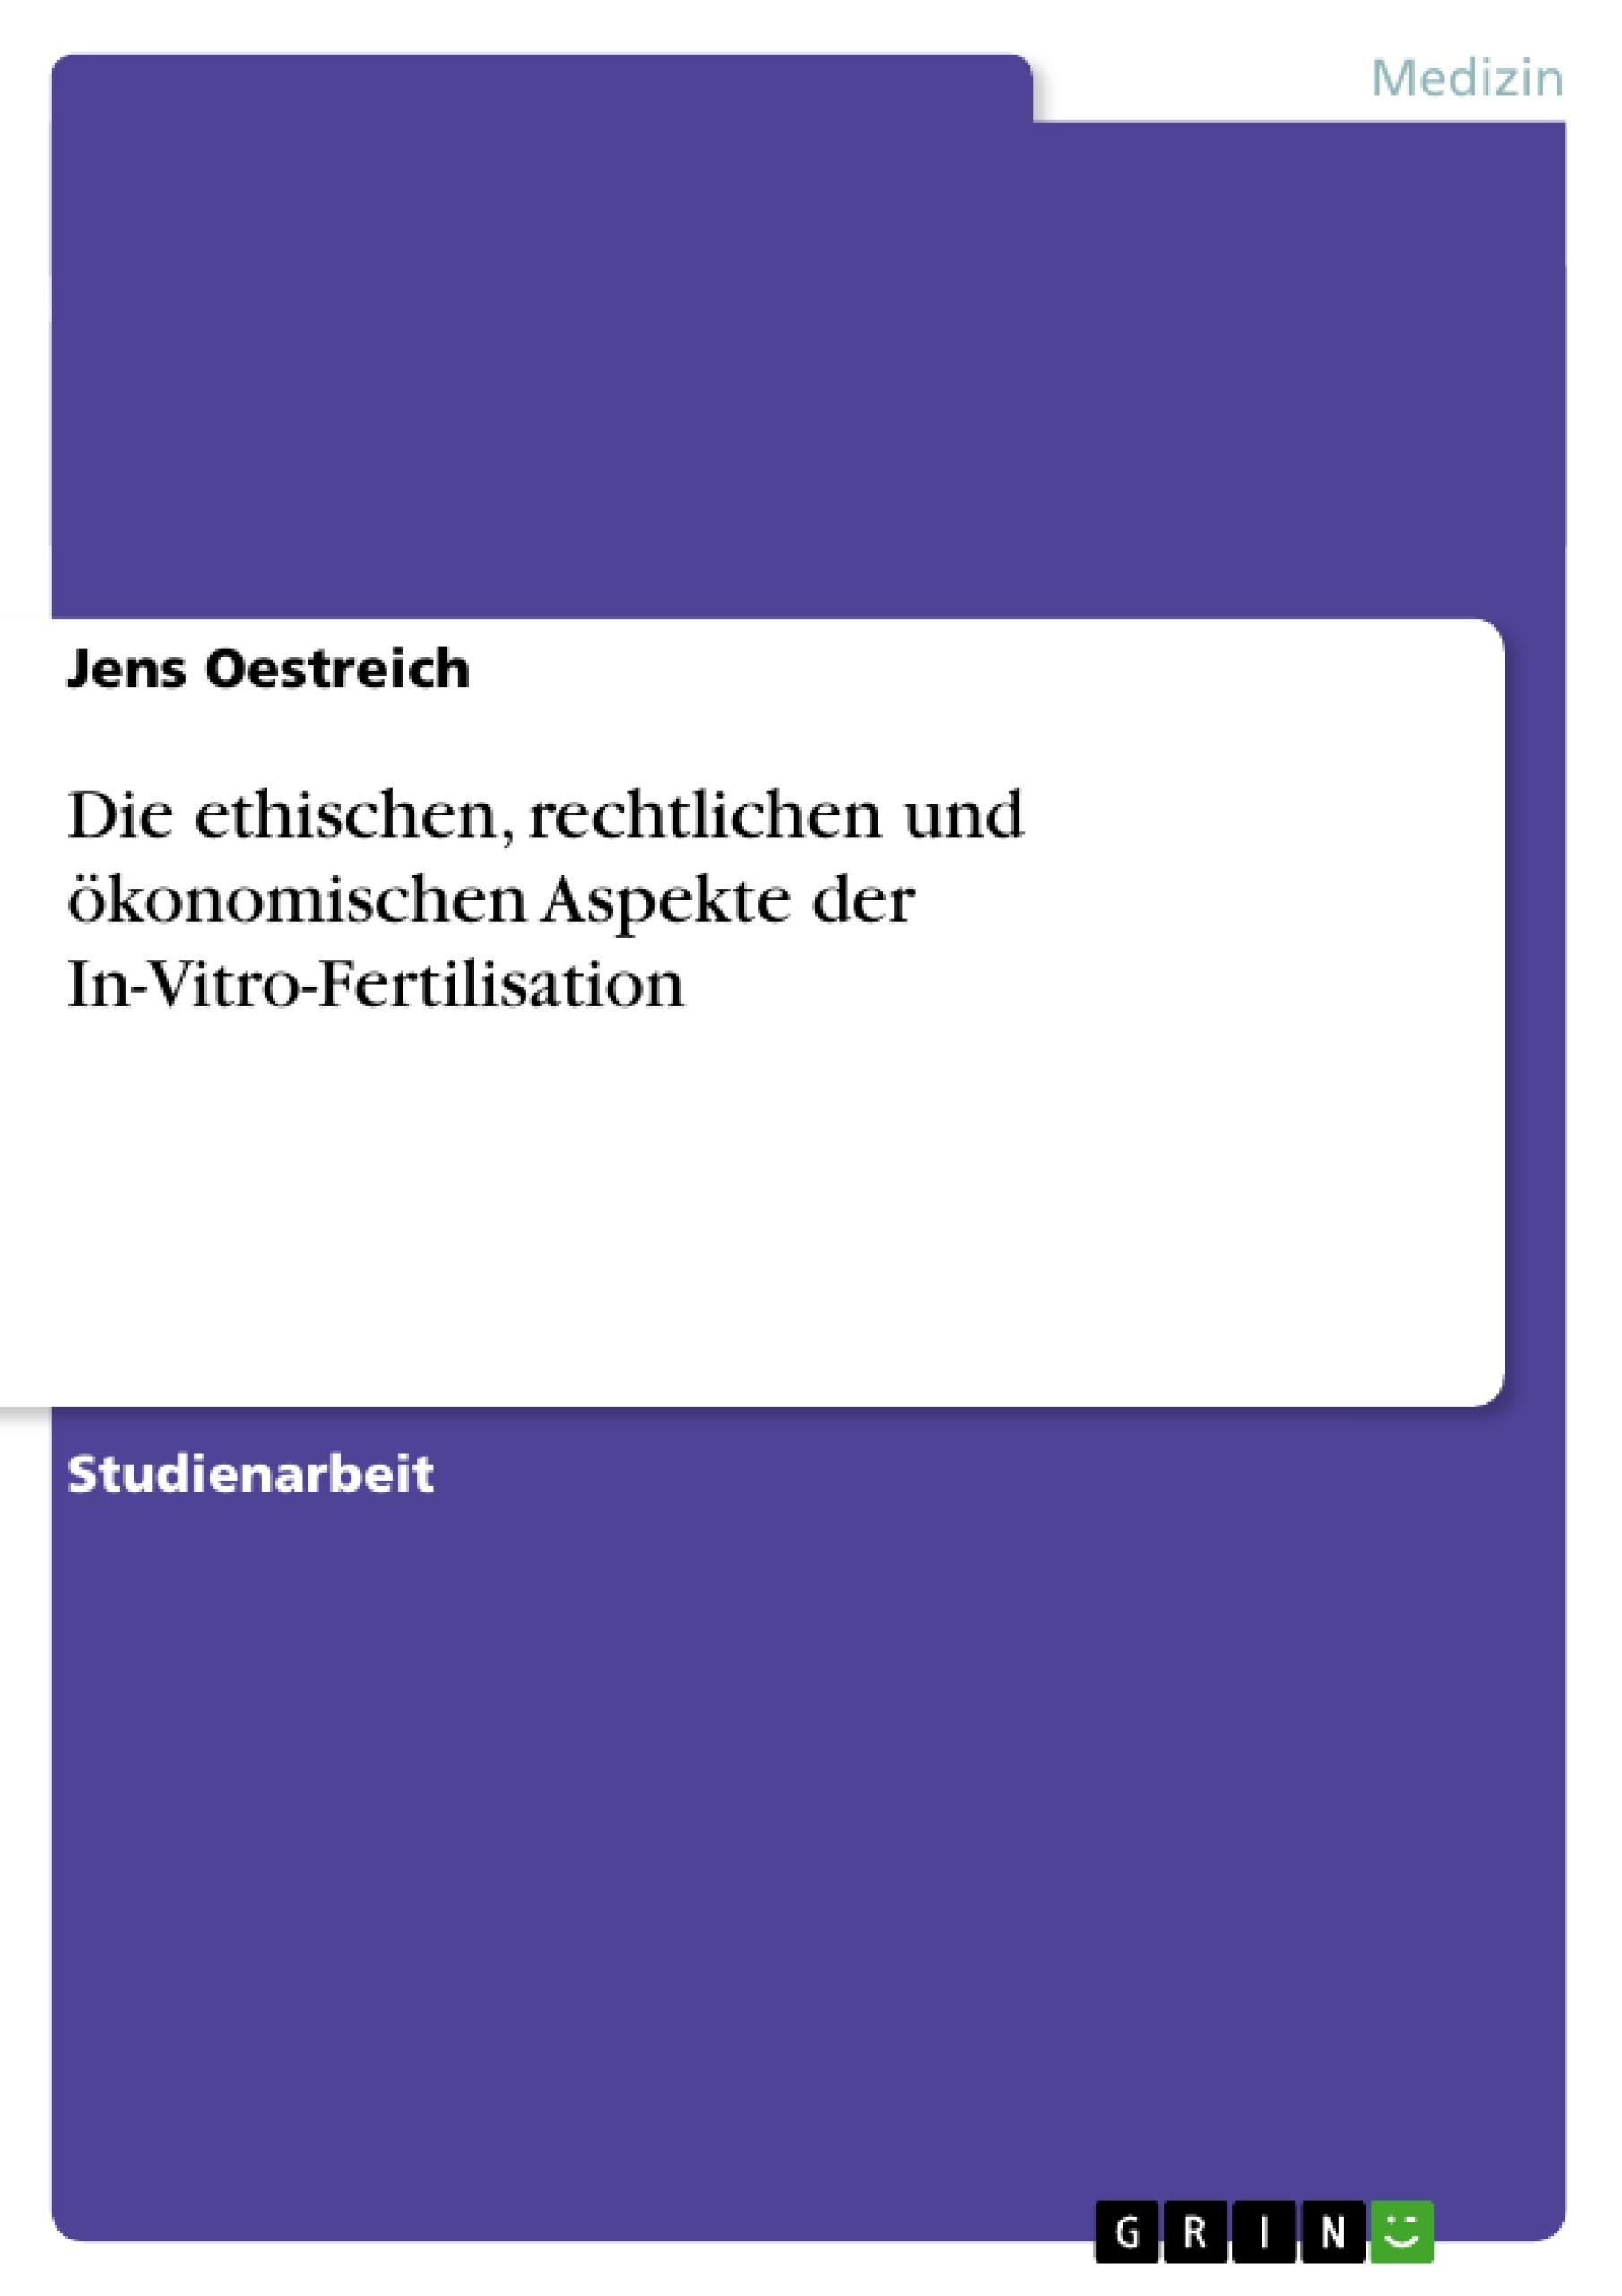 Titel: Die ethischen, rechtlichen und ökonomischen Aspekte der In-Vitro-Fertilisation